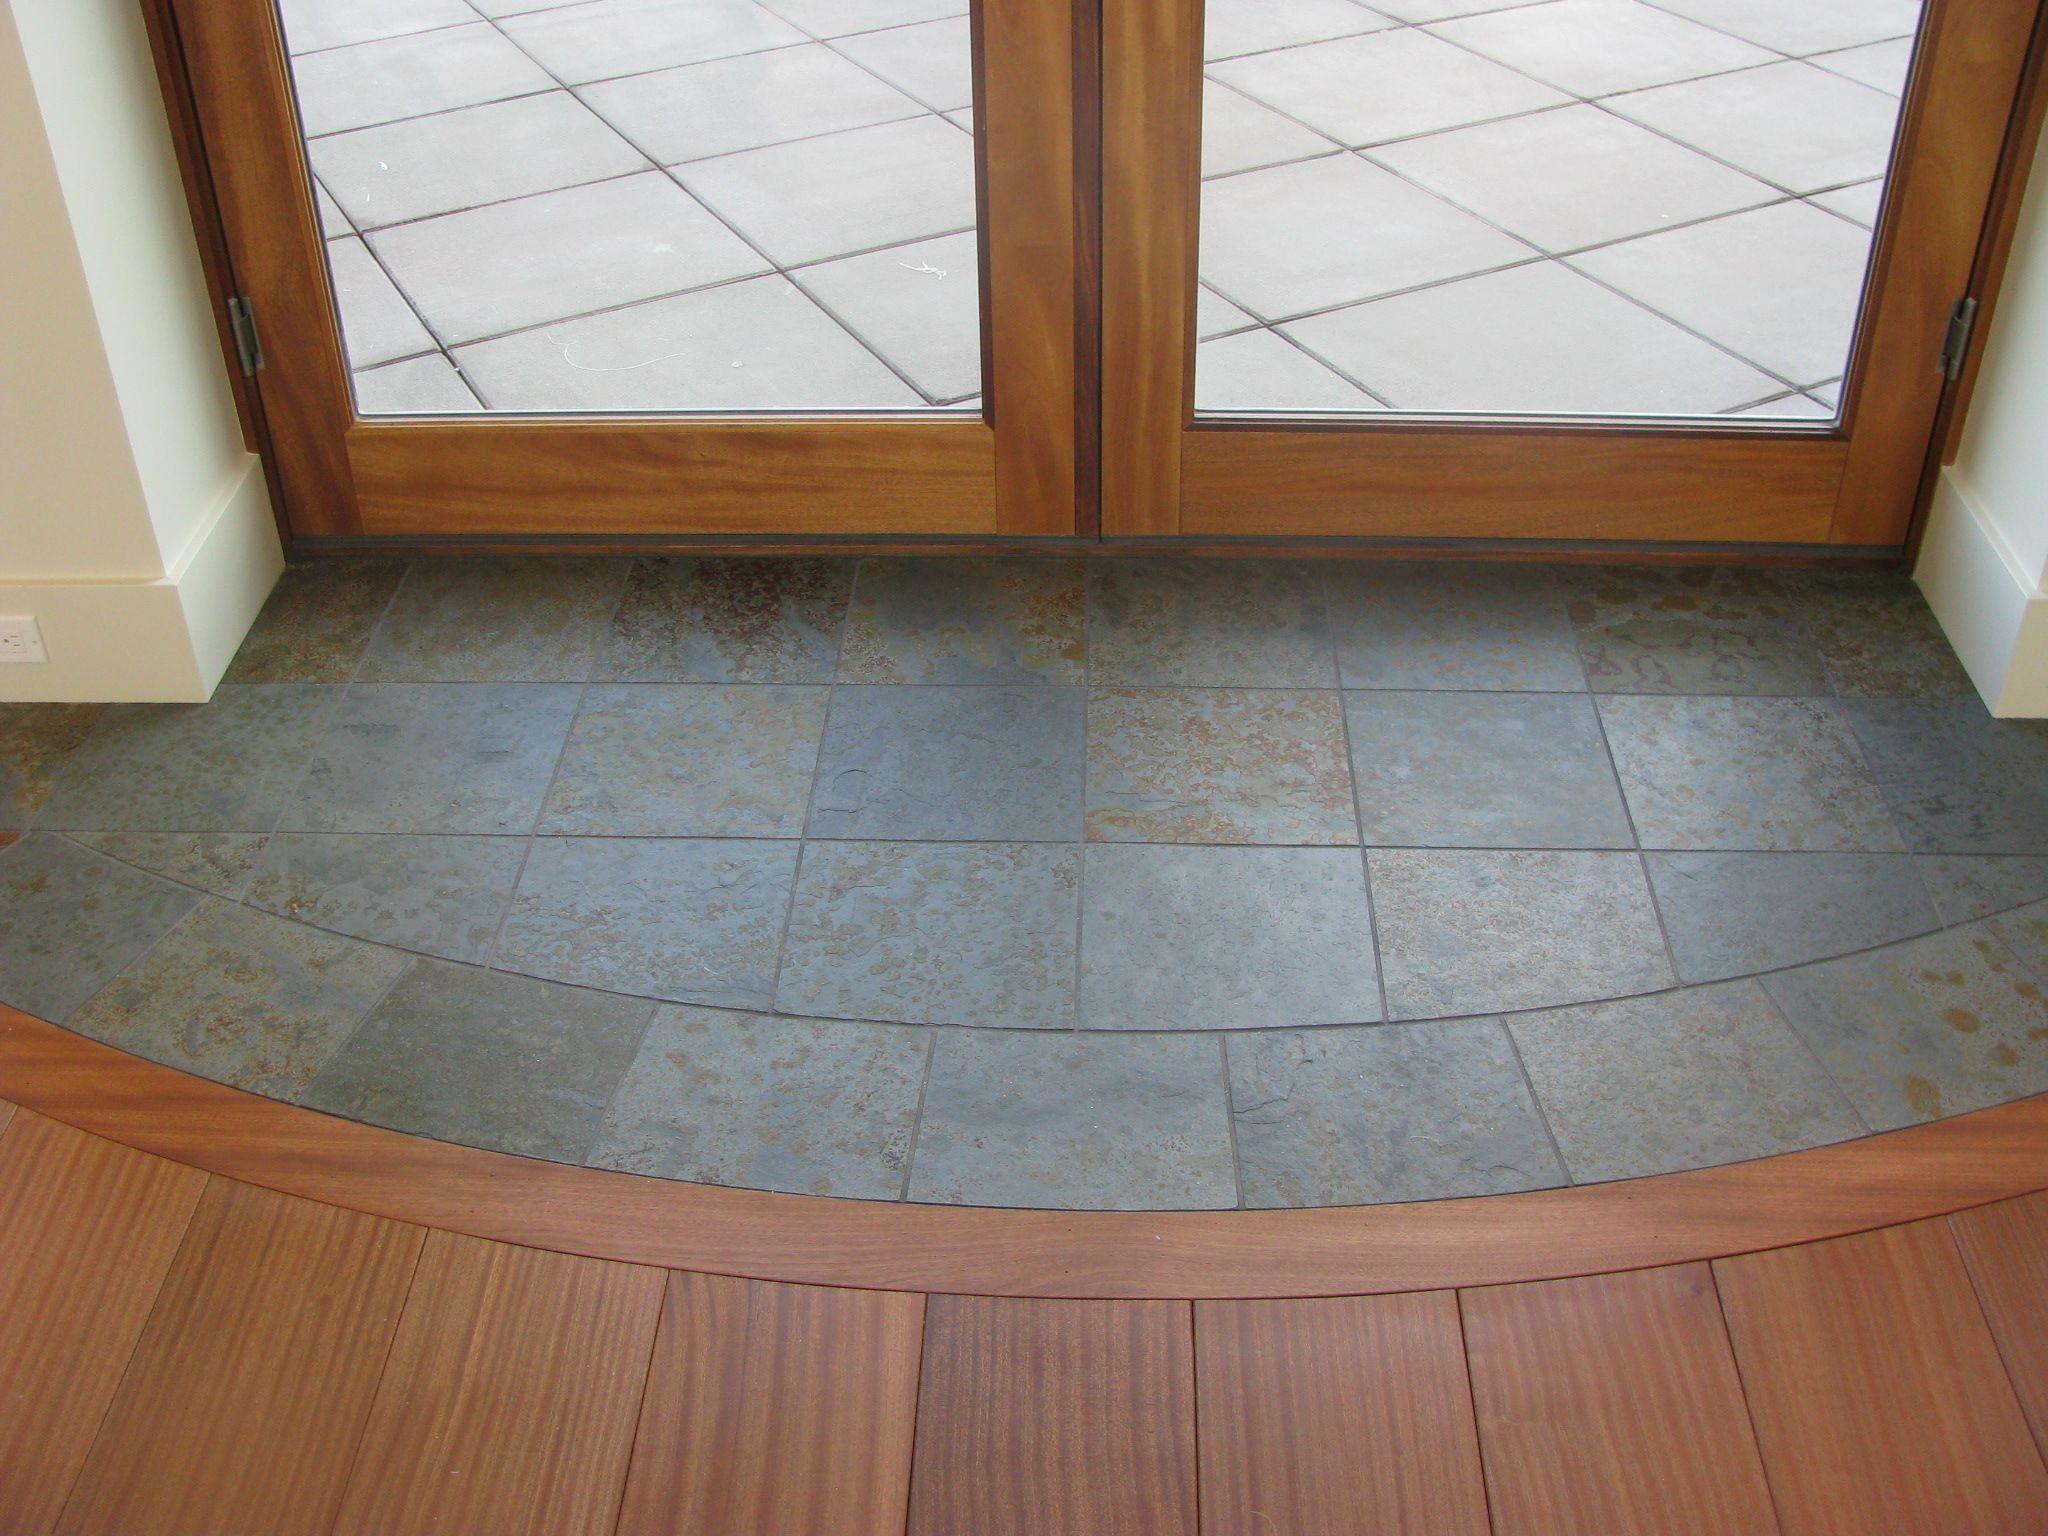 Image result for porcelain floor tile that looks like slate in the